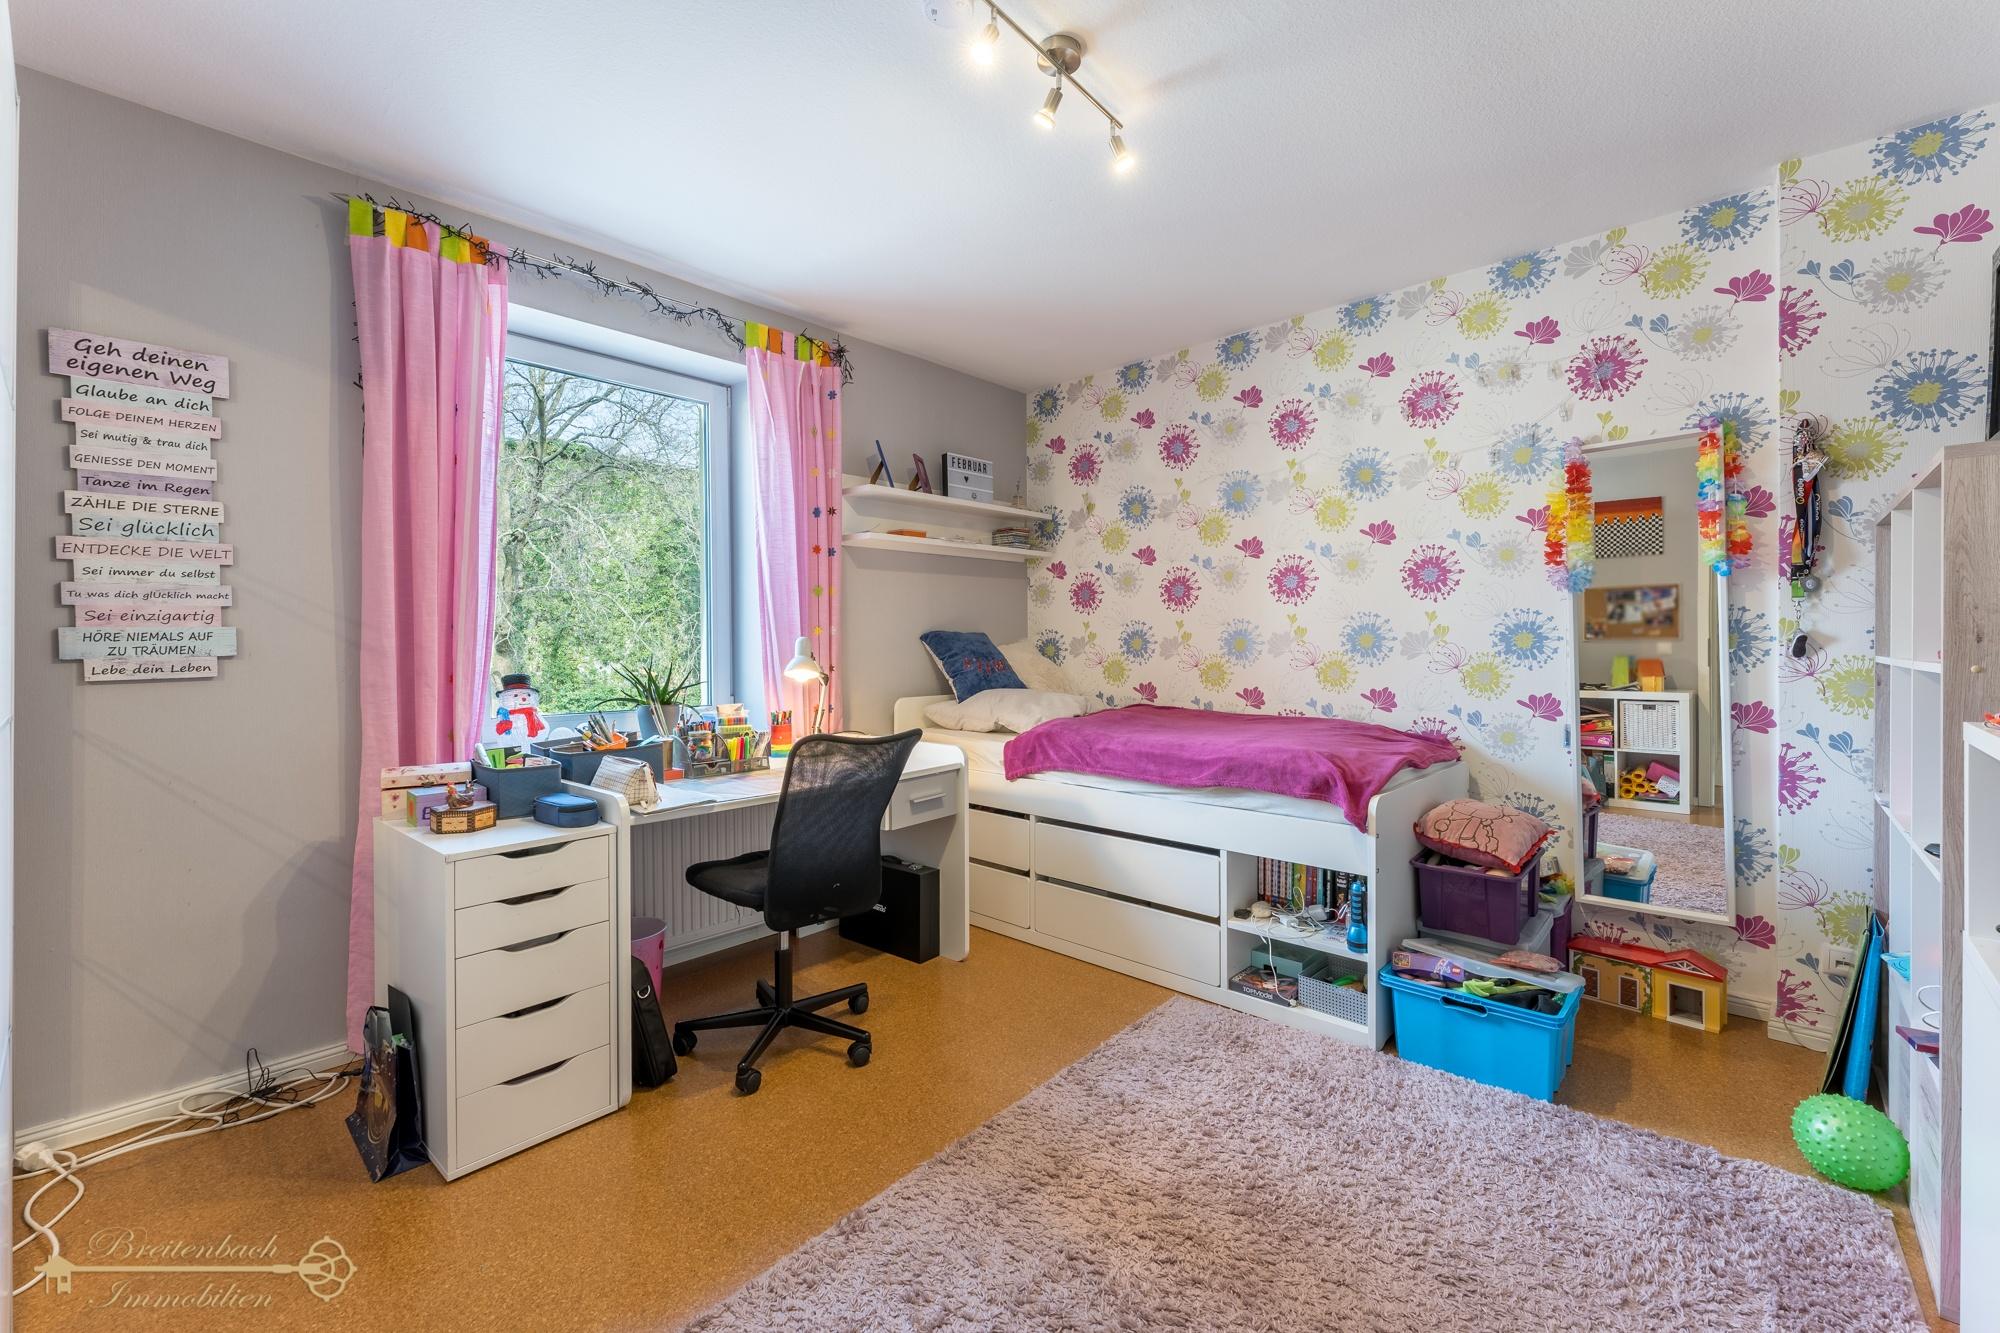 2021-03-25-Breitenbach-Immobilien-Makler-Bremen-16